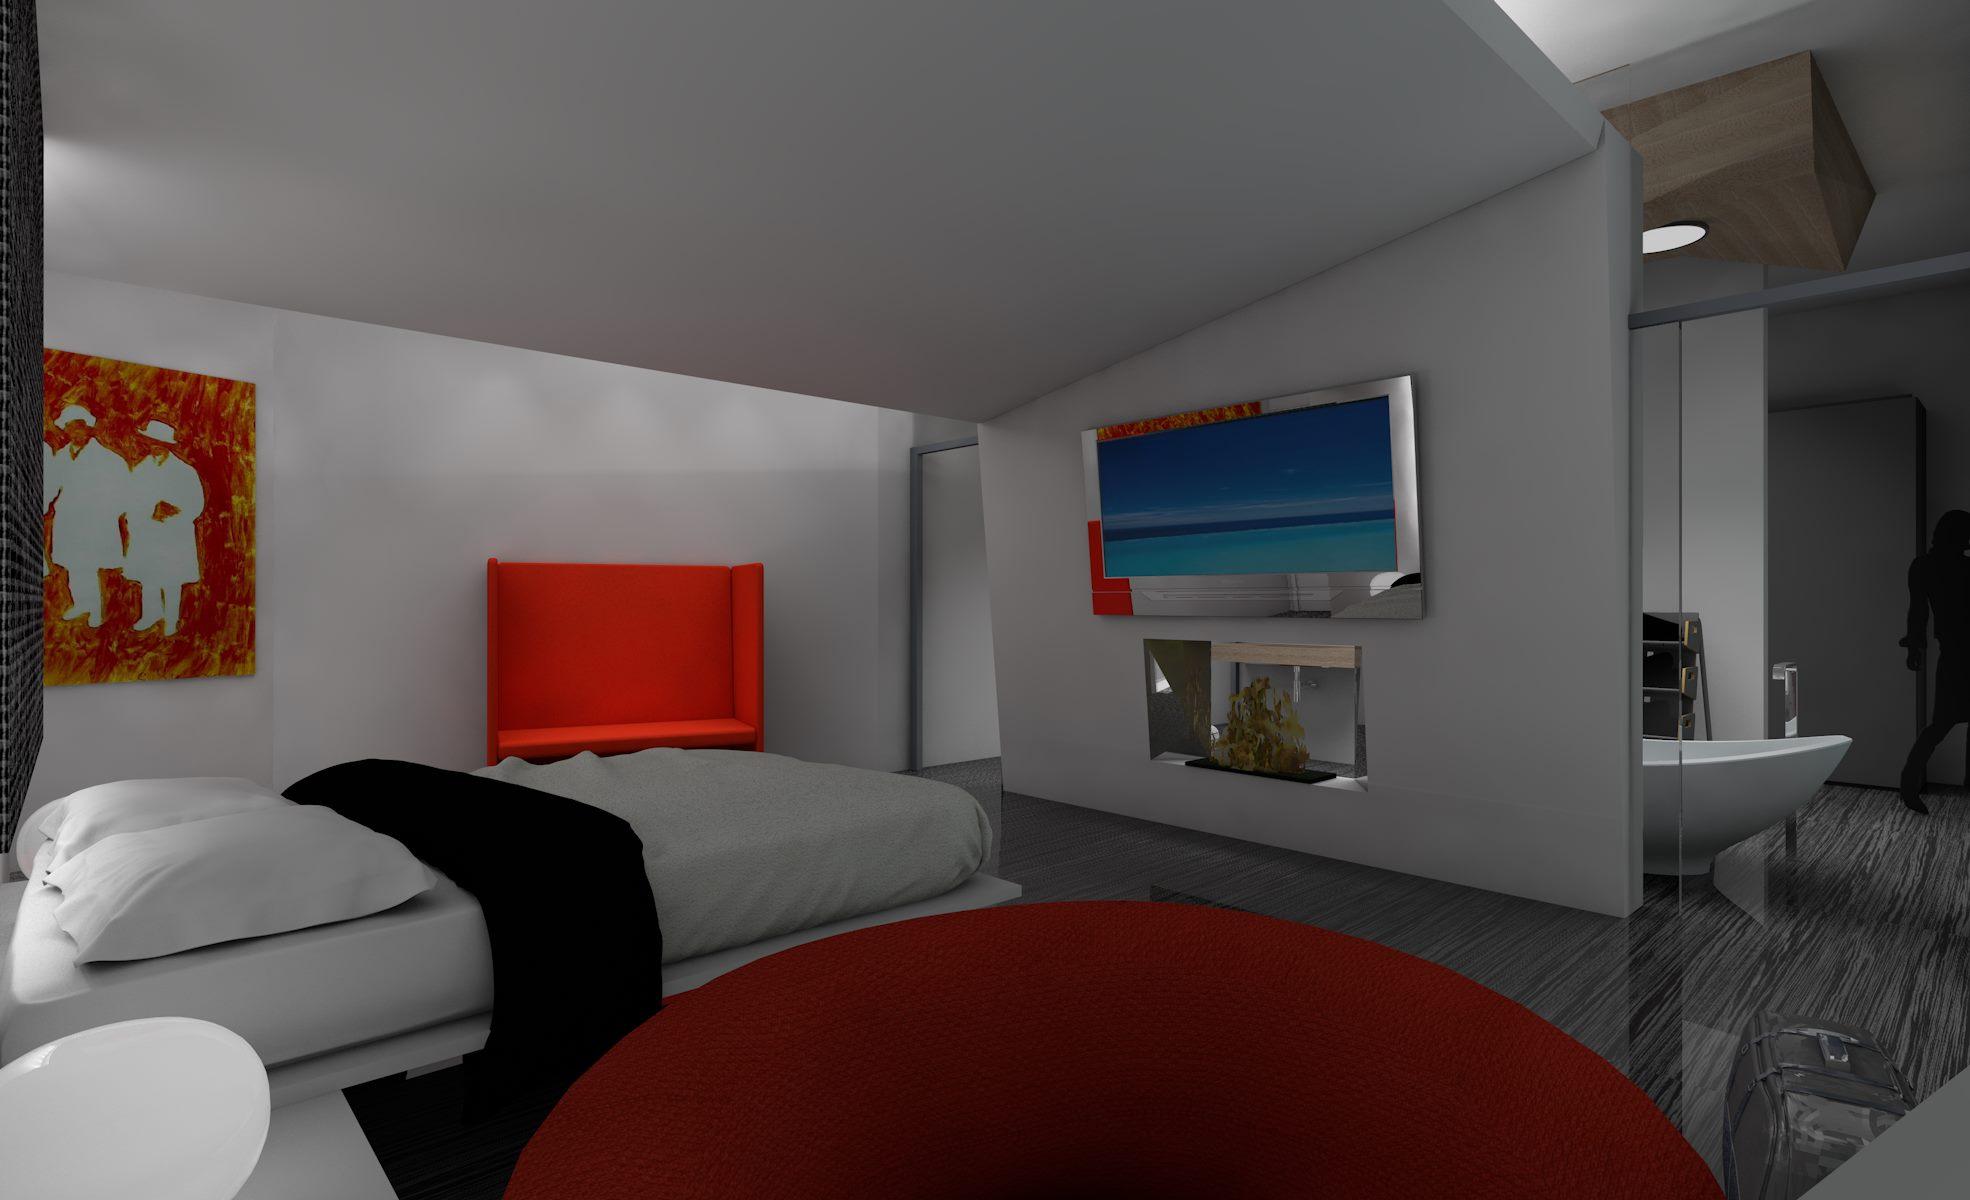 Arredamento casa idee e tendenze di arredamento - Casa arredamento idee ...